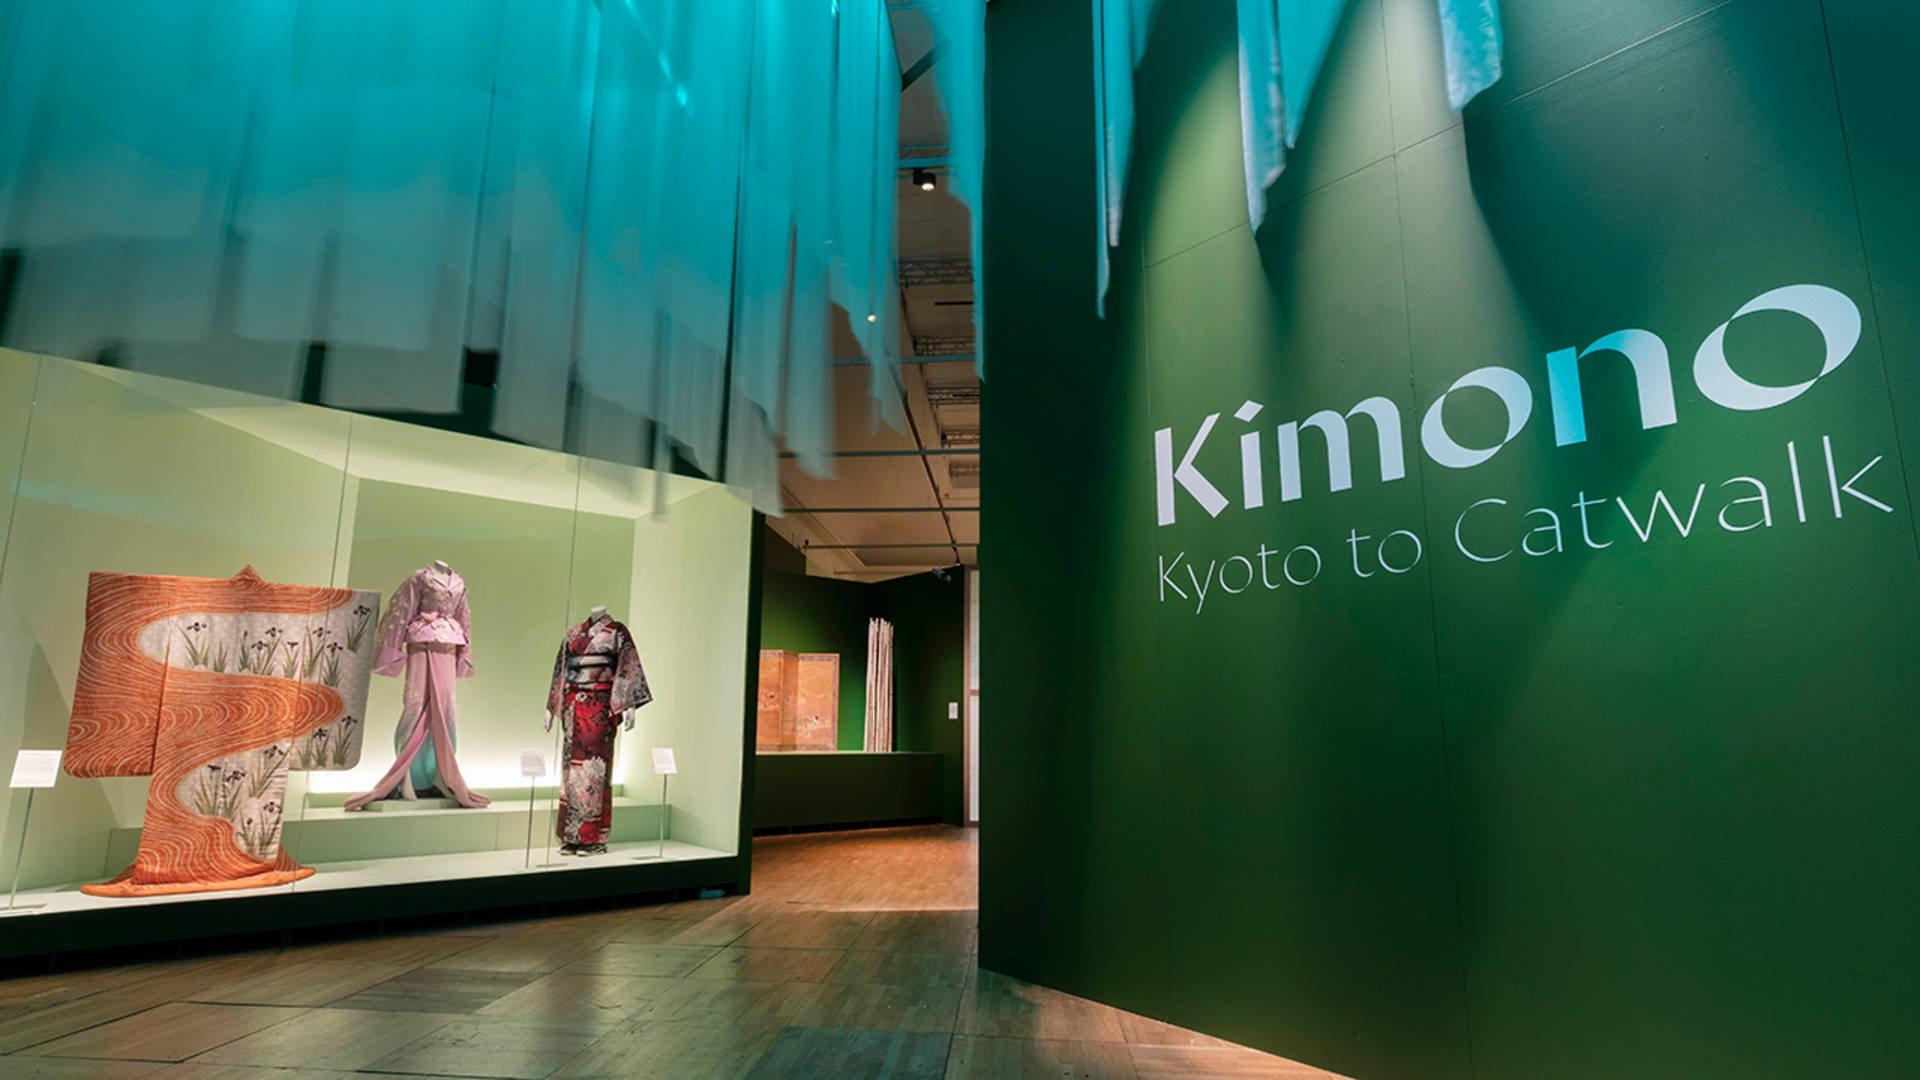 Kimono: Kioto to catwalk